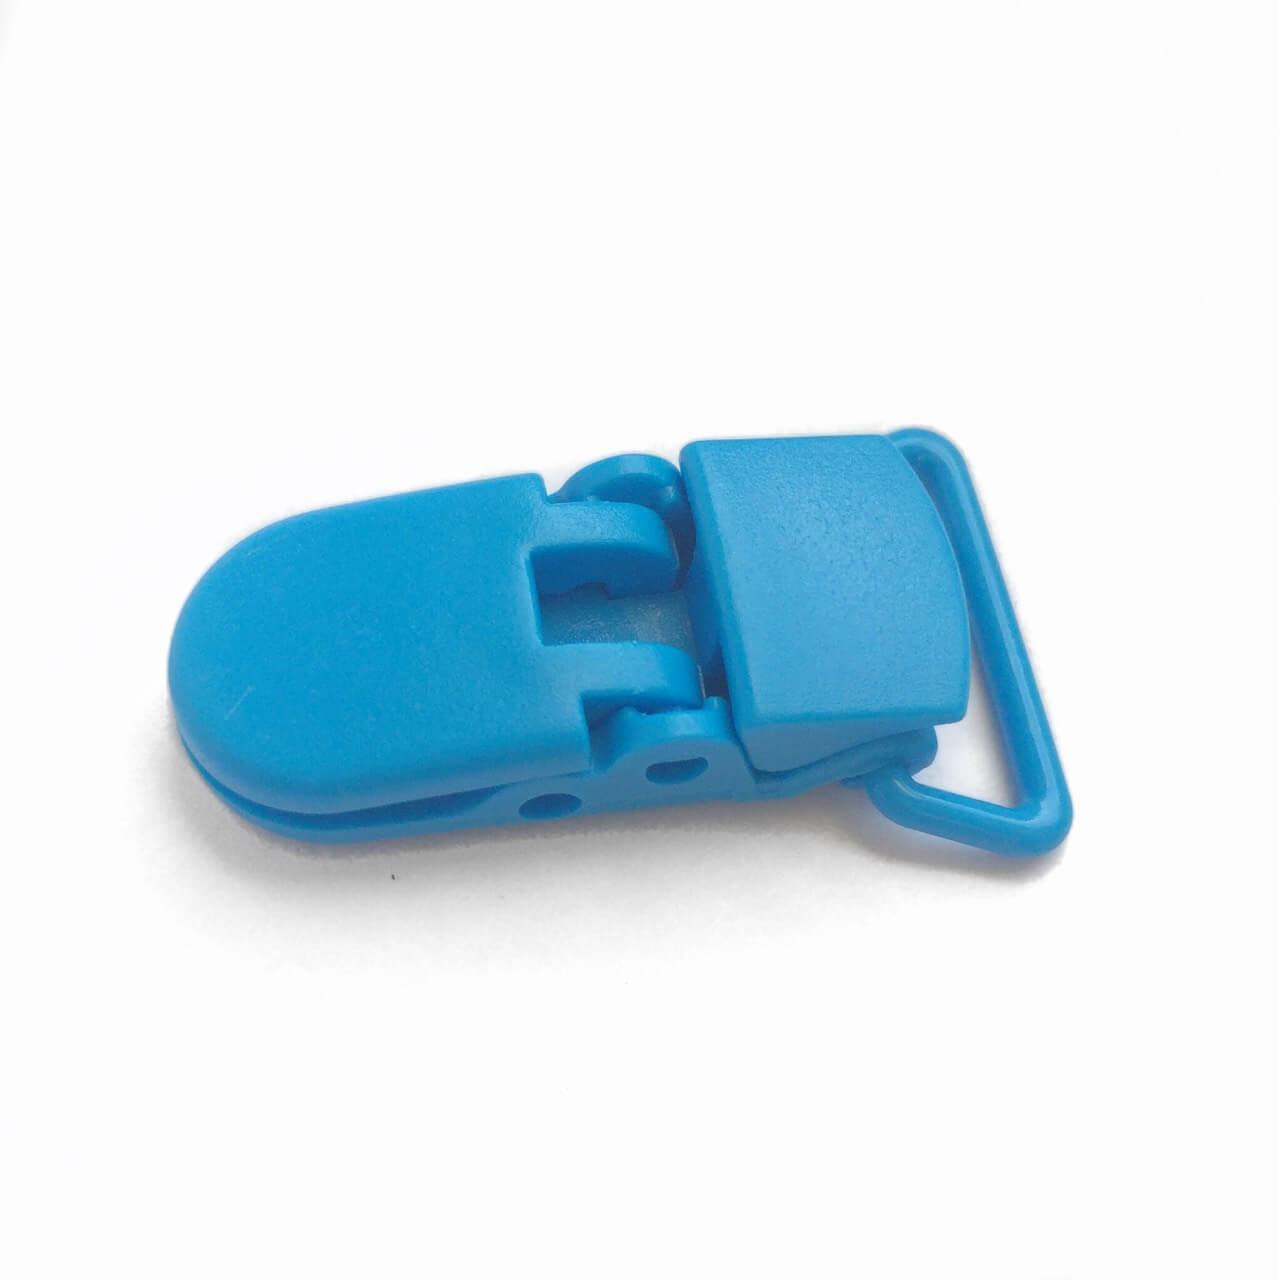 Клипса пластиковая для пустышки, голубая